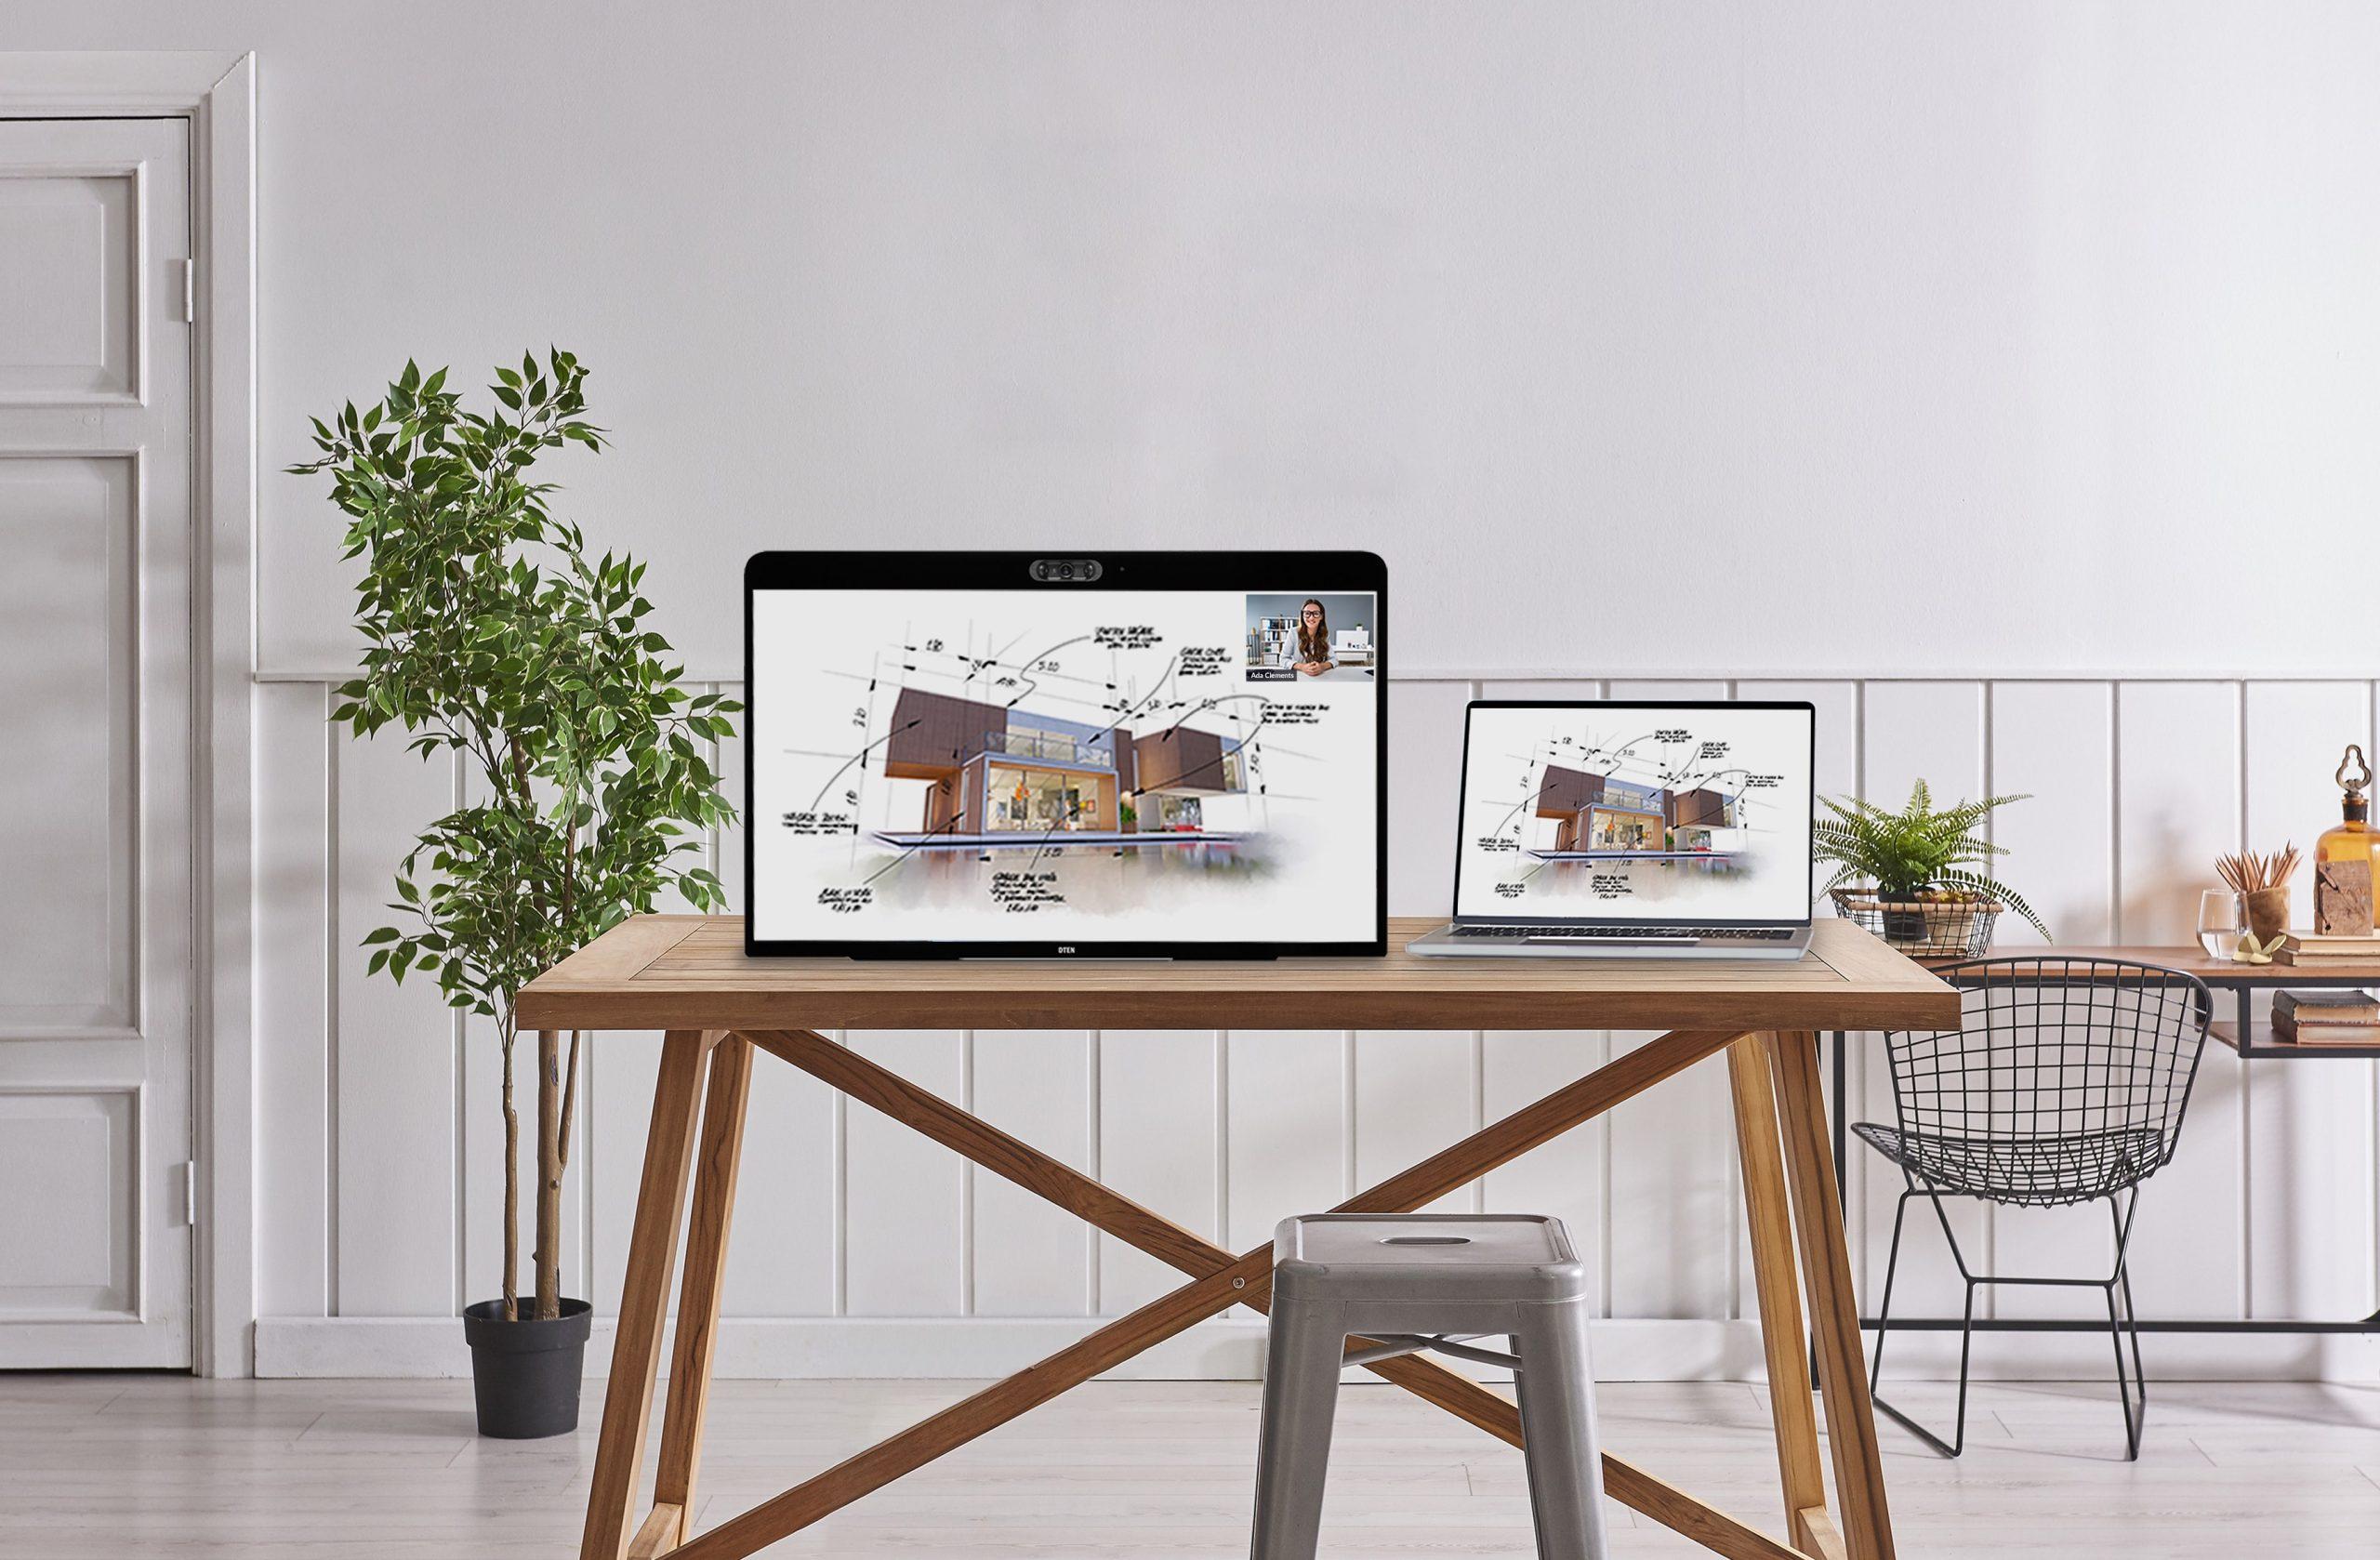 Zoom 推會議置備產品 27 吋裝置結合 3 個高清廣角鏡頭